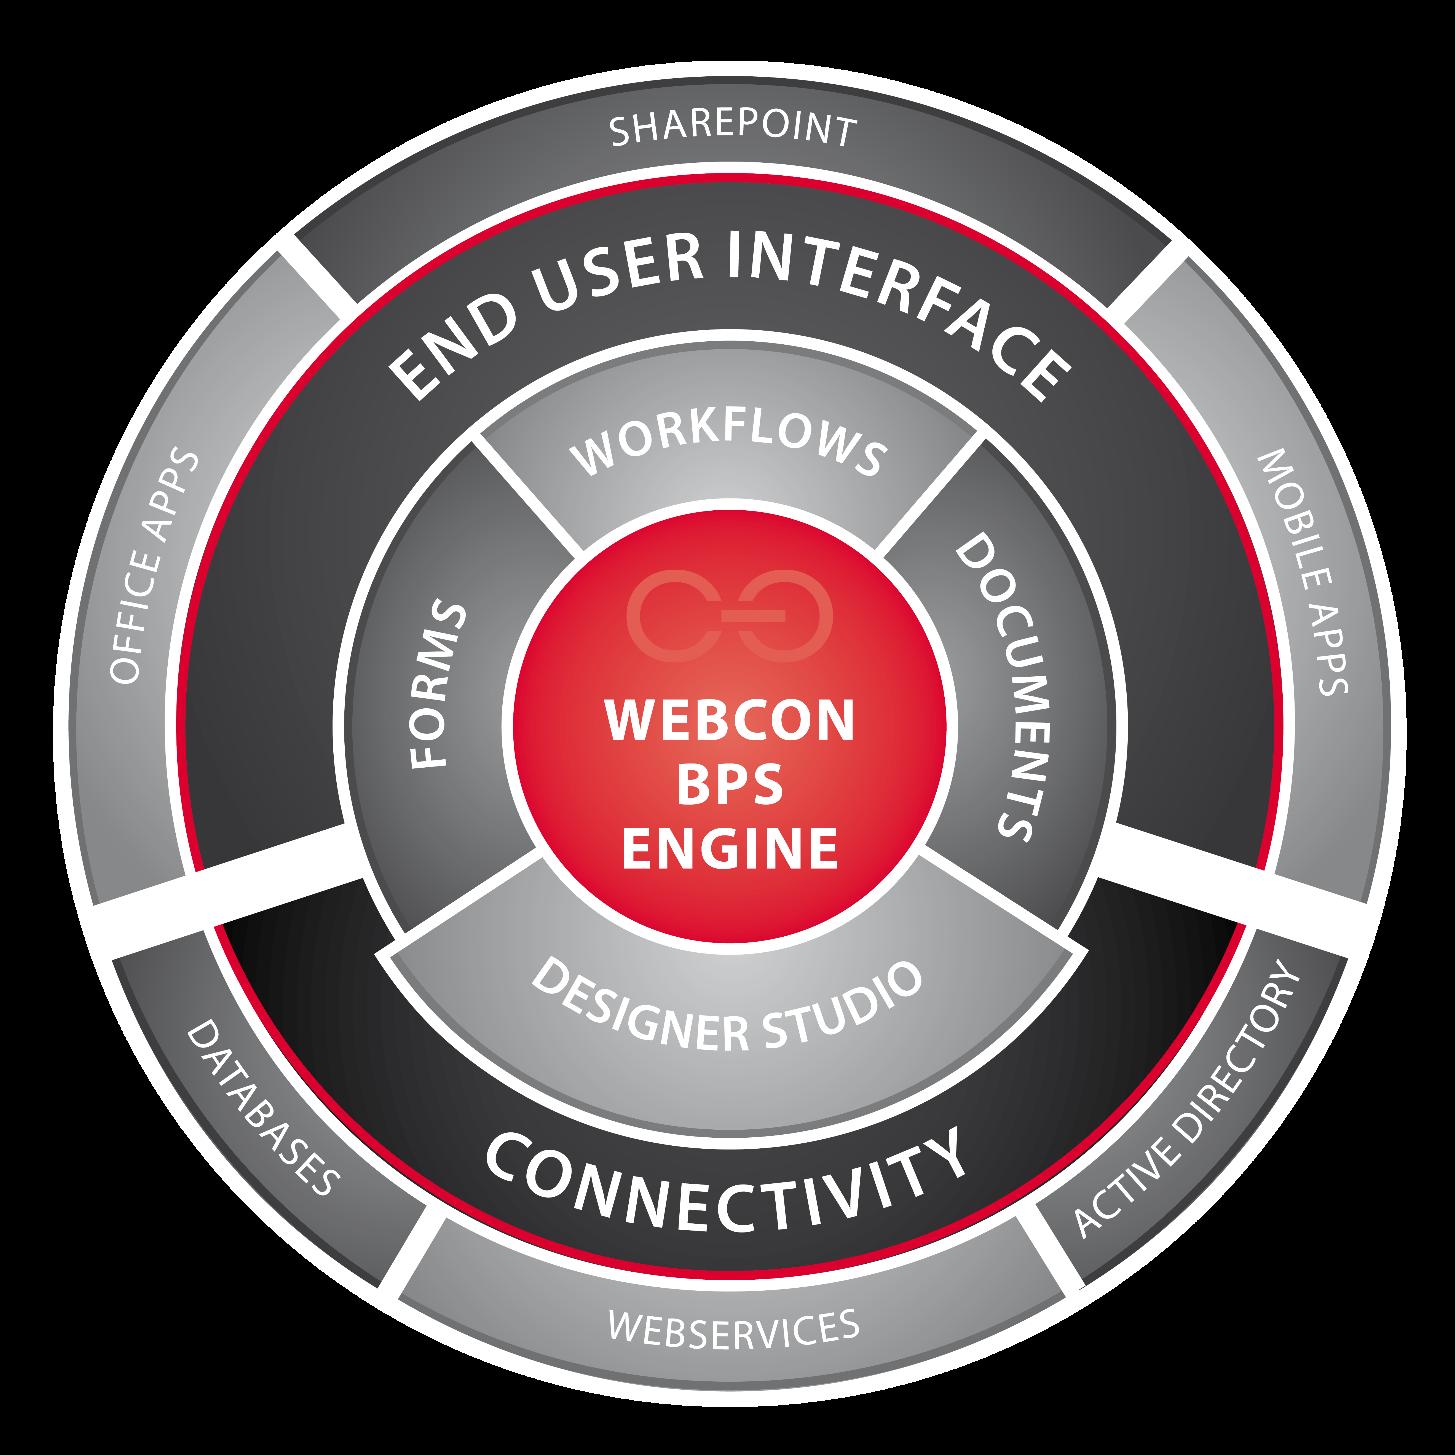 webd - Webcon BPS – Wykrywanie błędów, debbugowanie oraz naprawa procesów